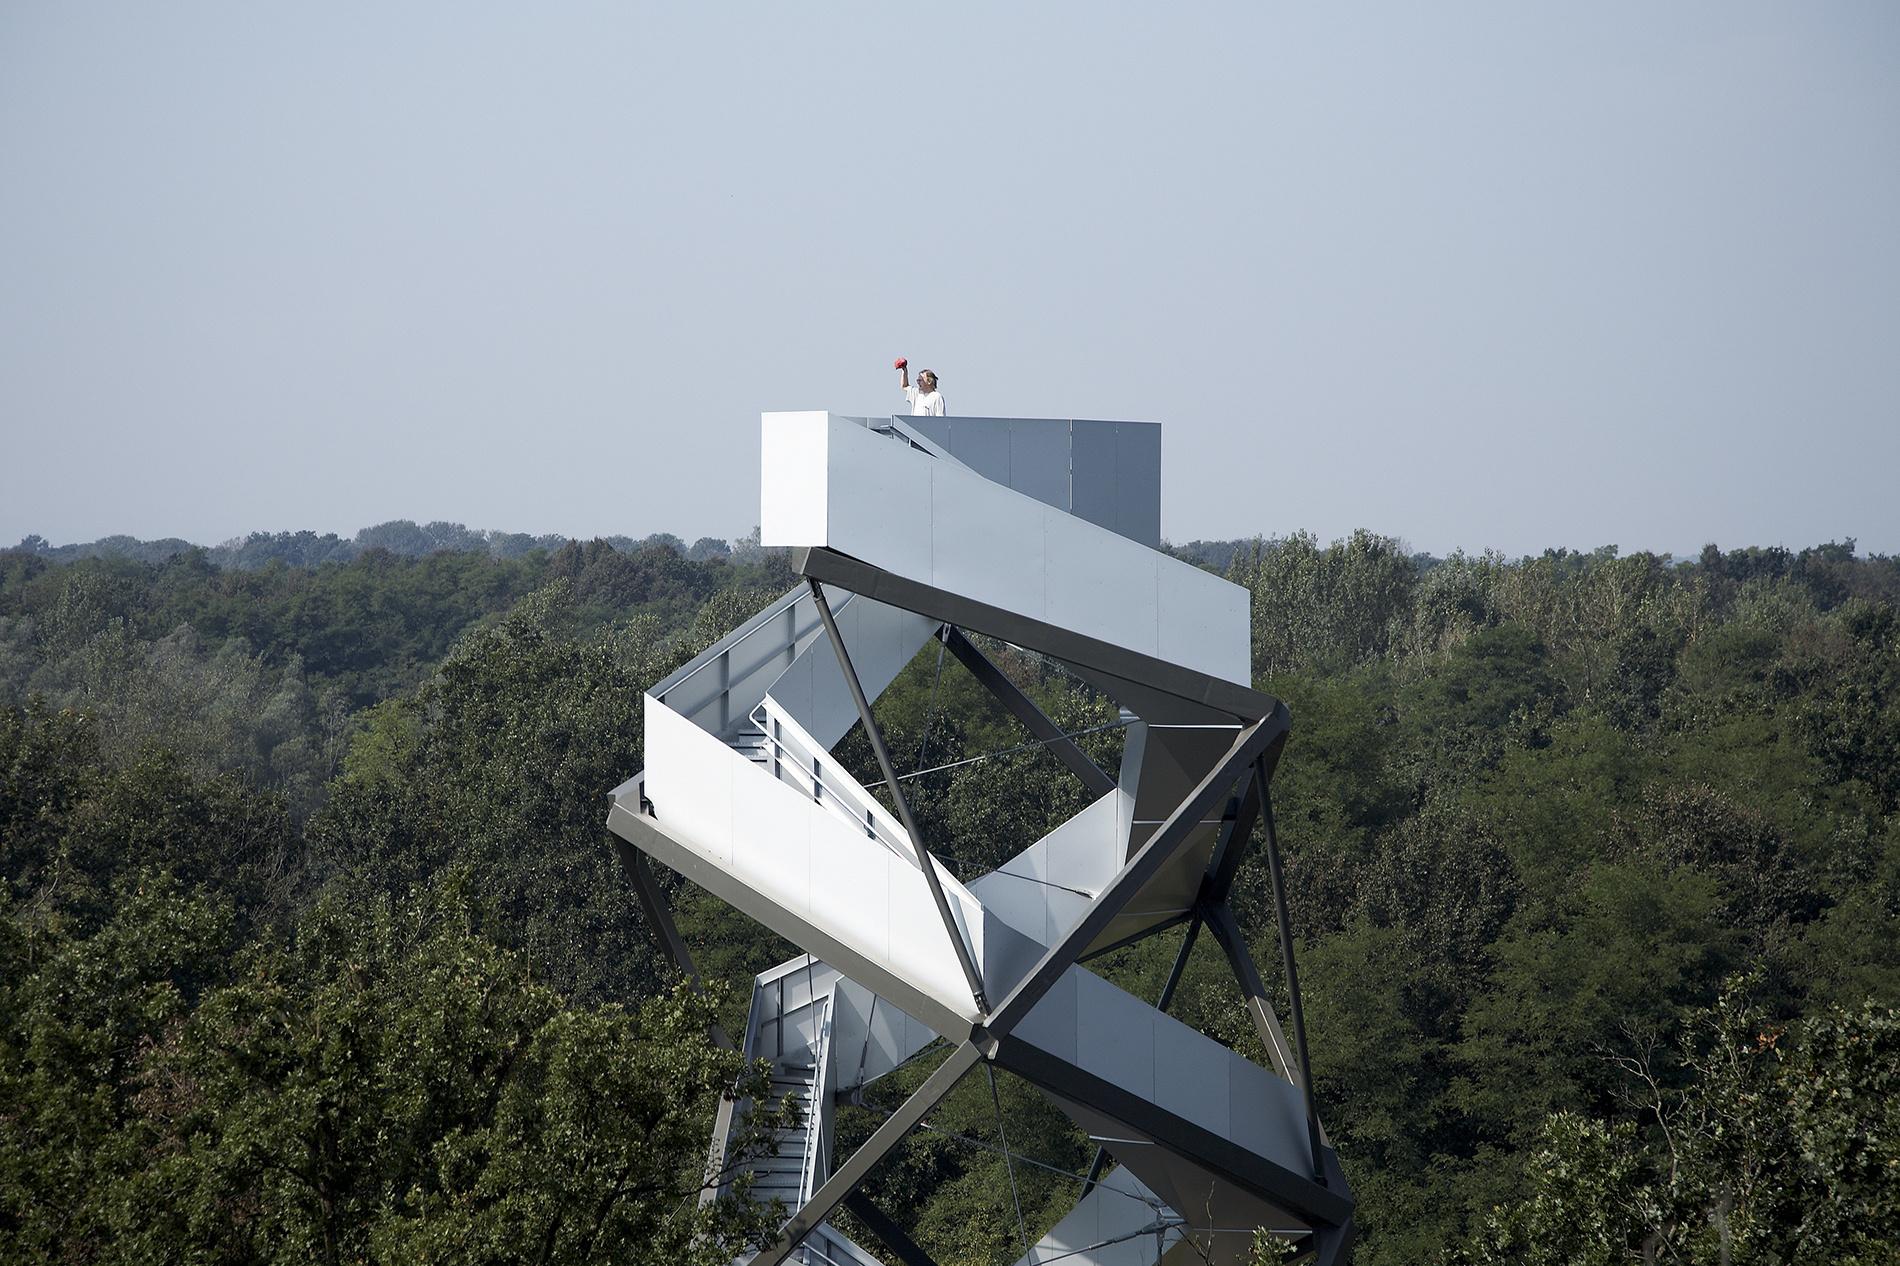 ., Terrain Architects